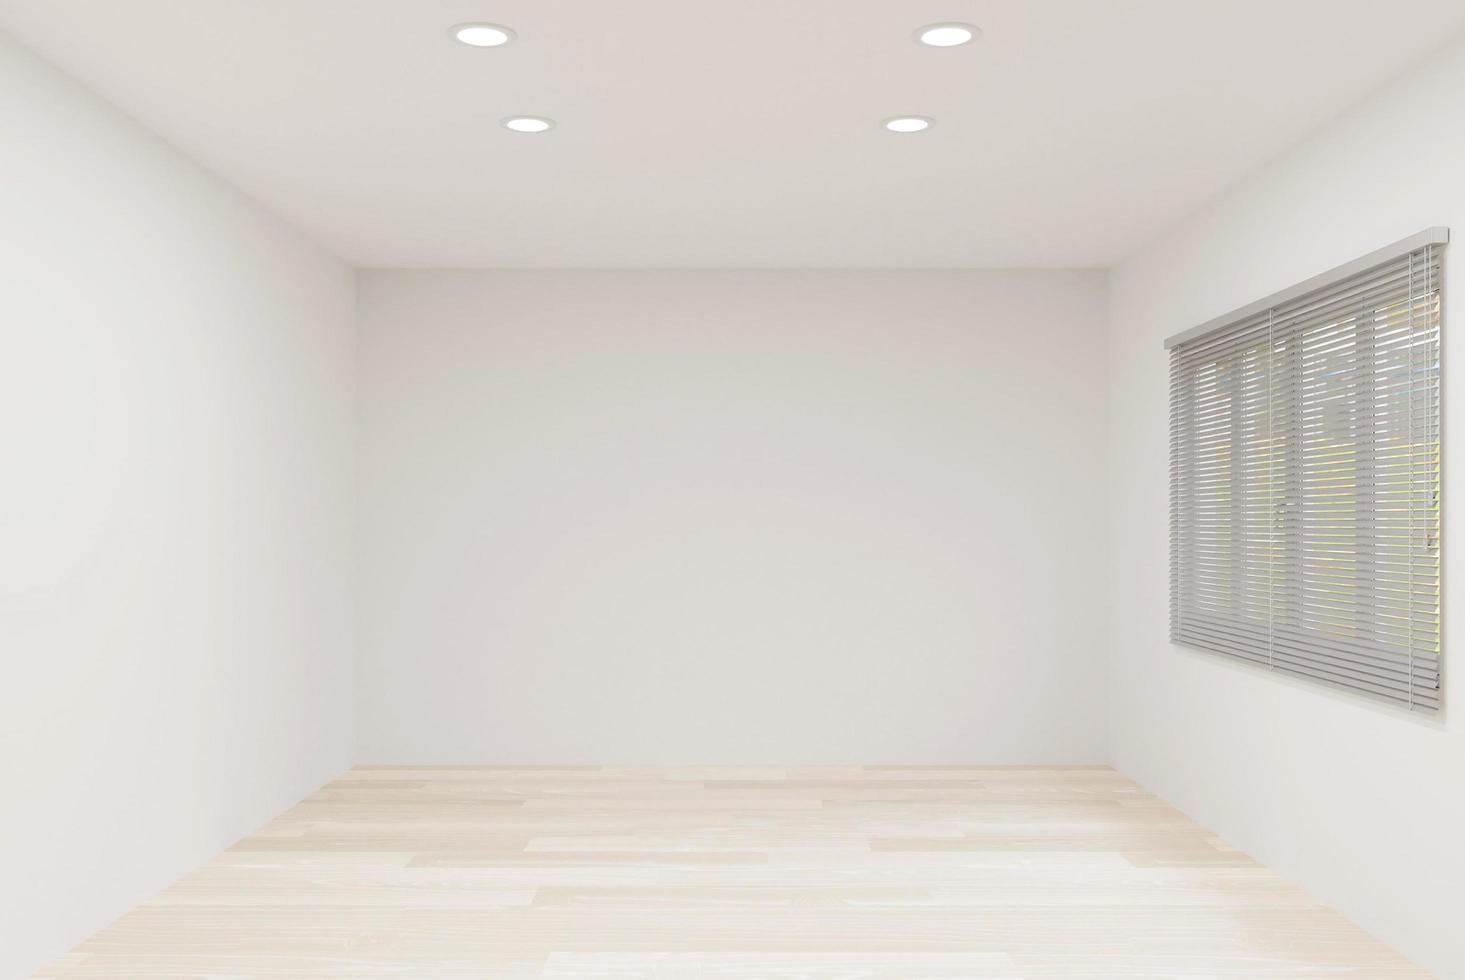 Empty illuminated room  photo